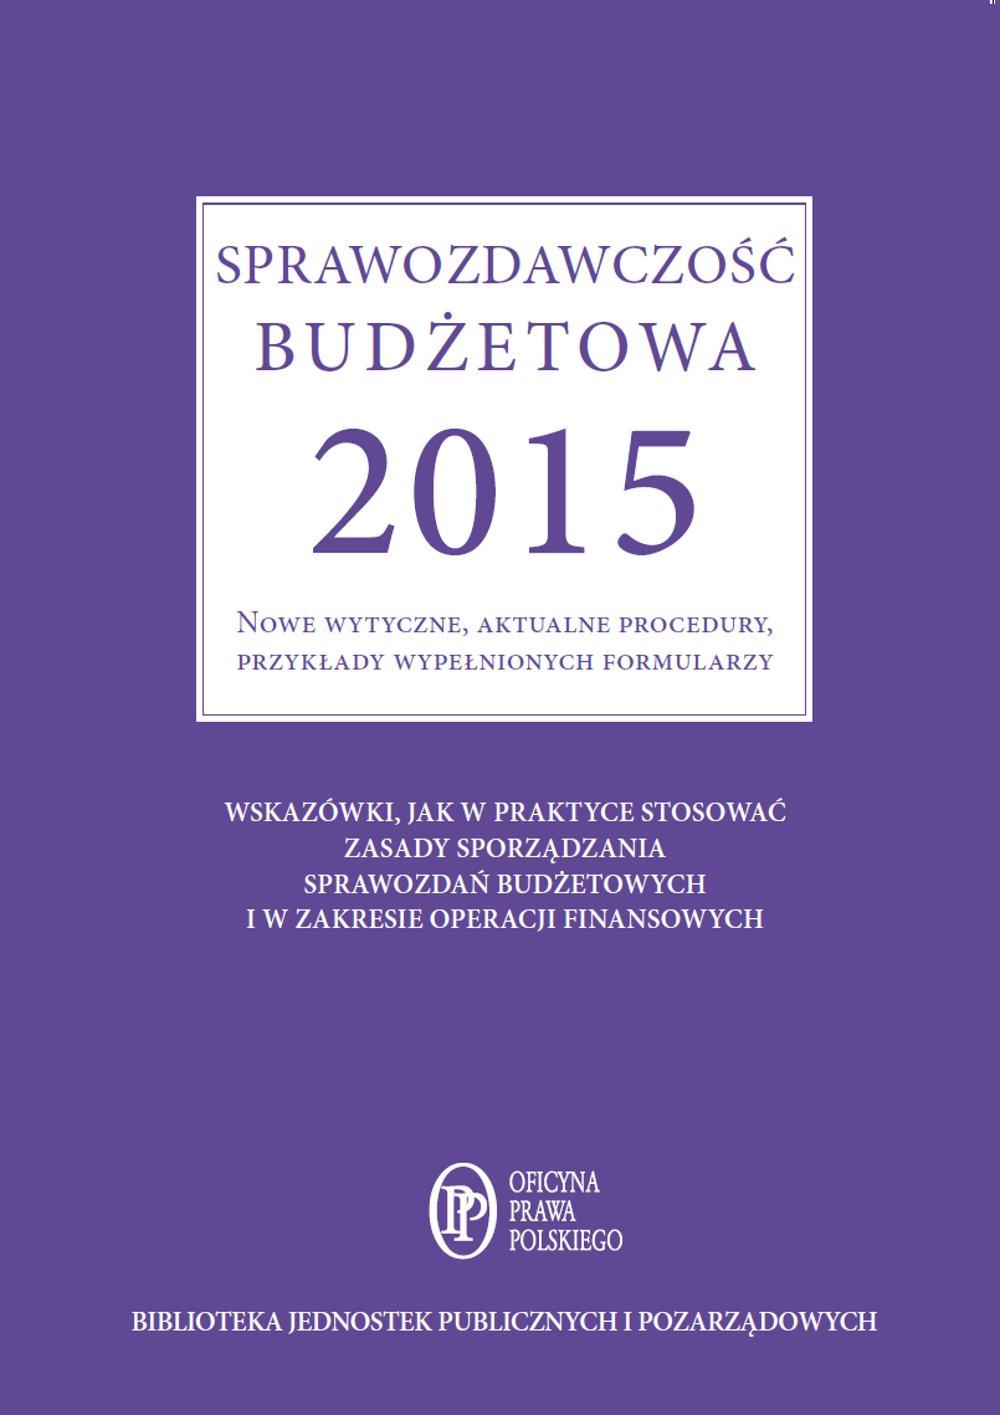 Sprawozdawczość budżetowa 2015. Nowe wytyczne, aktualne procedury, przykłady wypełnionych formularzy - Ebook (Książka PDF) do pobrania w formacie PDF